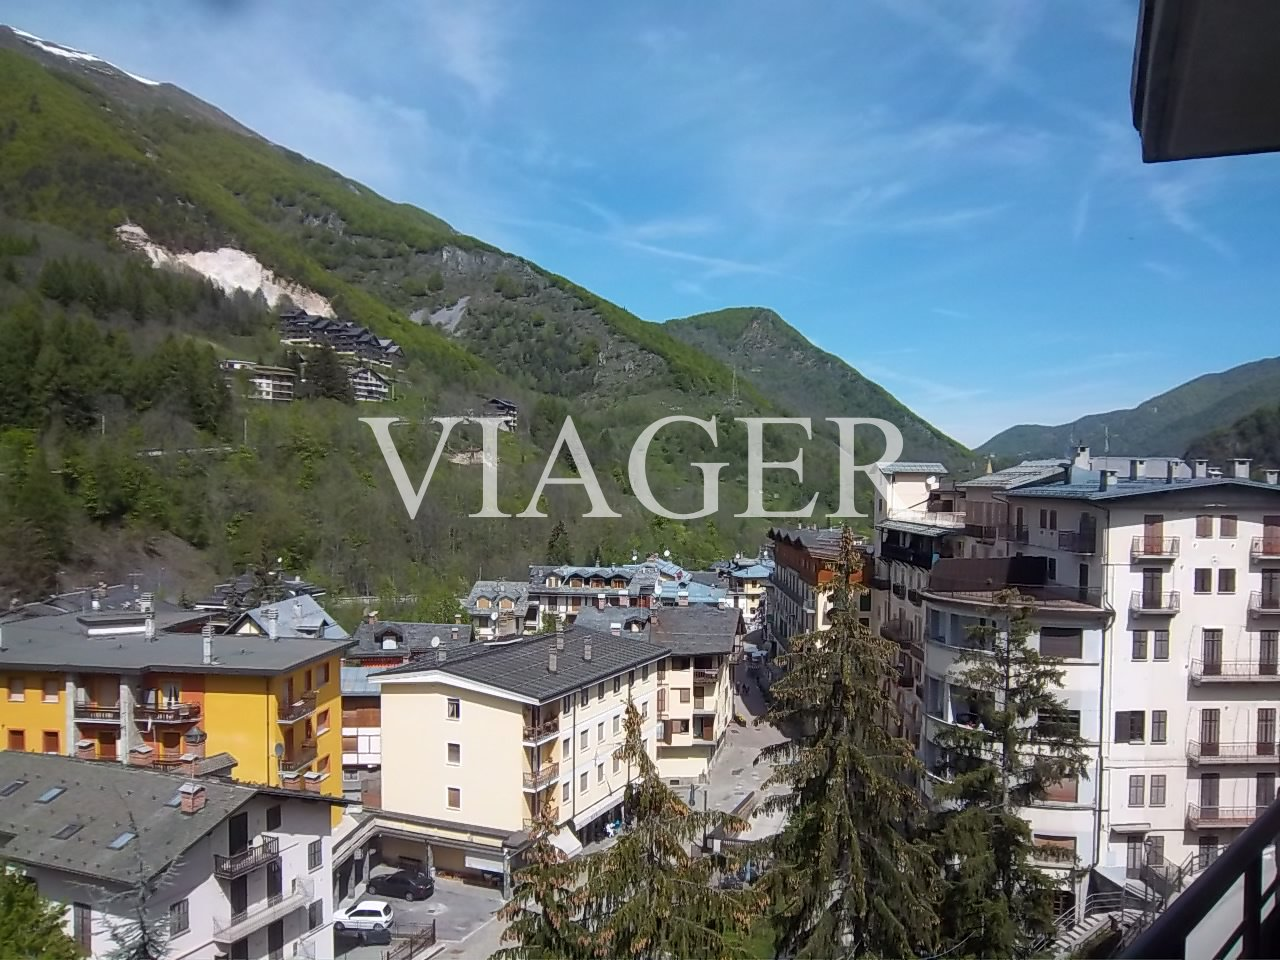 http://www.viager.it/public/Vgr-1183-10450_g.jpg